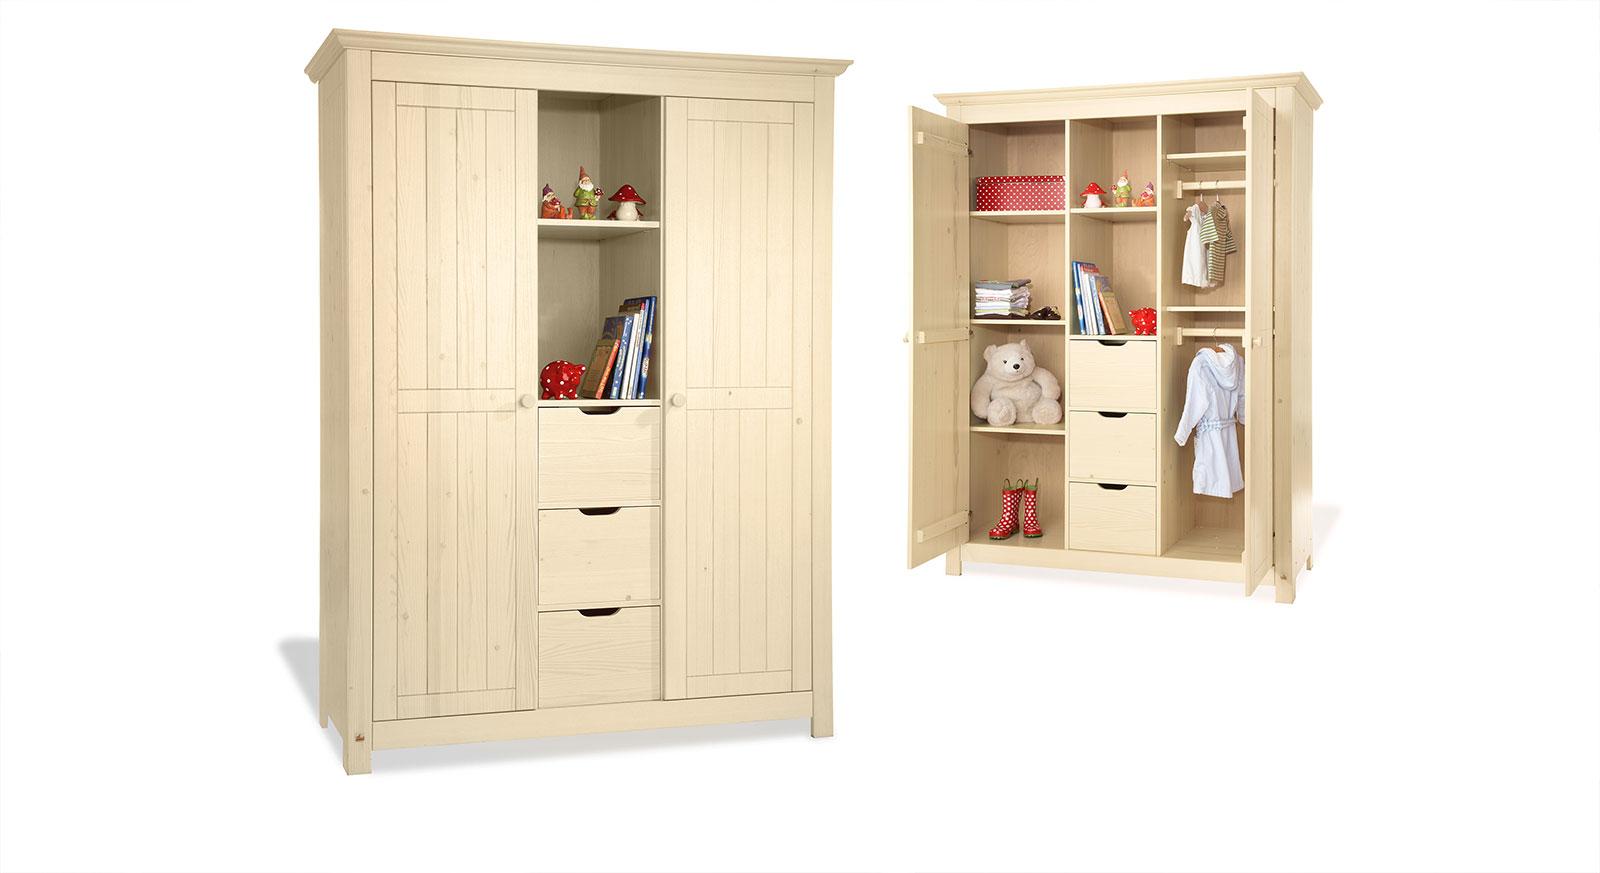 Kleiderschrank Nora Massivholz stabil zwei Türen drei Schubladen